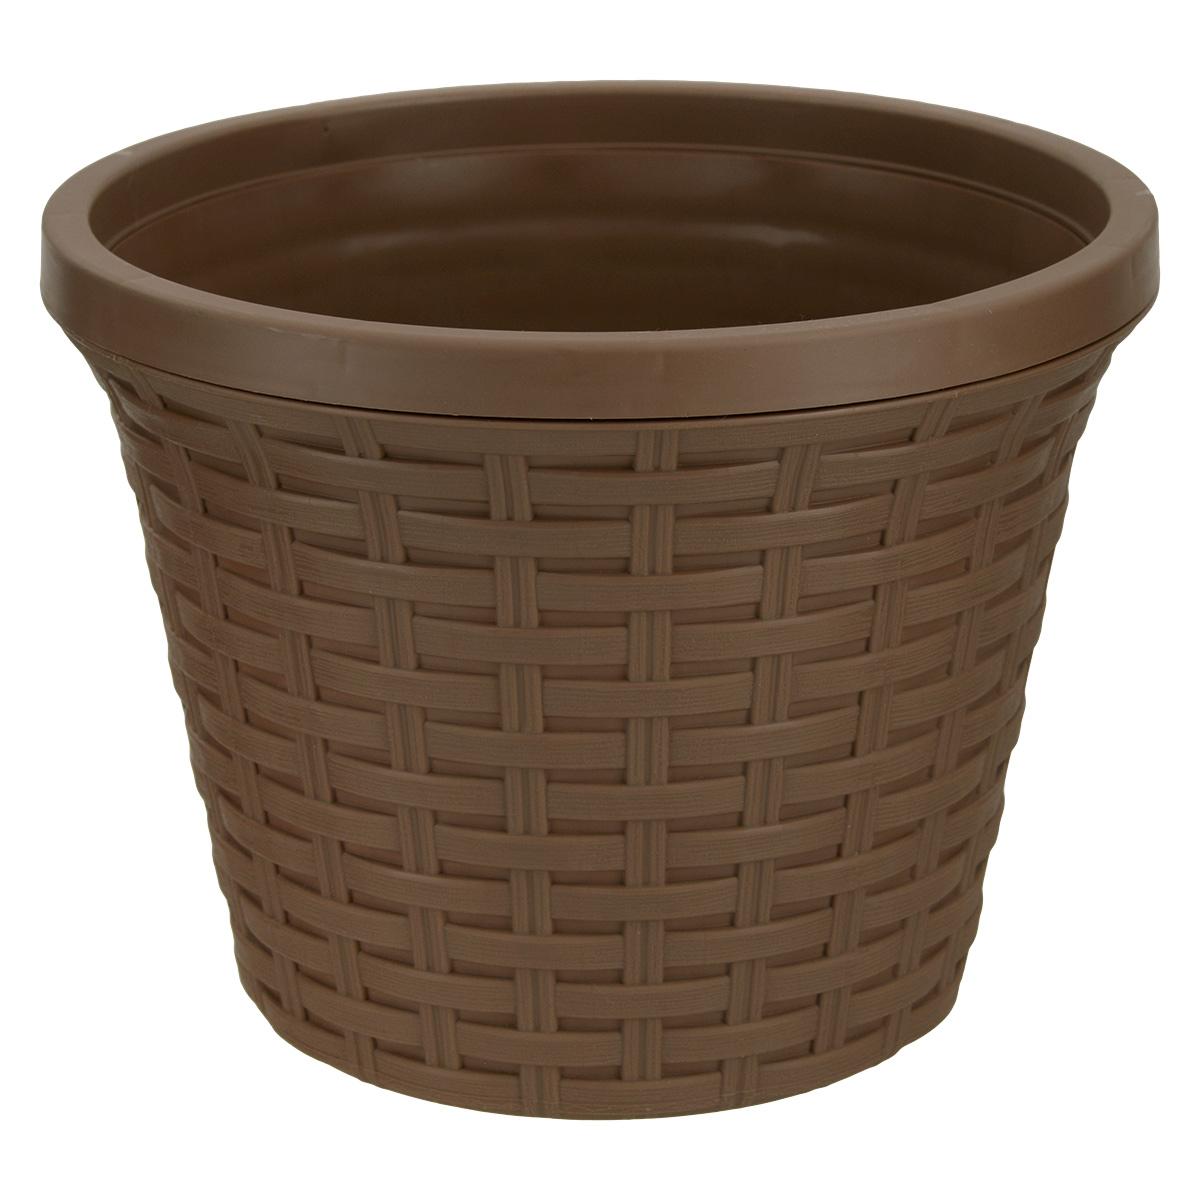 Кашпо круглое Violet Ротанг, с дренажной системой, цвет: какао, 3,4 л19201Круглое кашпо Violet Ротанг изготовлено из высококачественного пластика и оснащено дренажной системой для быстрого отведения избытка воды при поливе. Изделие прекрасно подходит для выращивания растений и цветов в домашних условиях. Лаконичный дизайн впишется в интерьер любого помещения.Объем: 3,4 л.